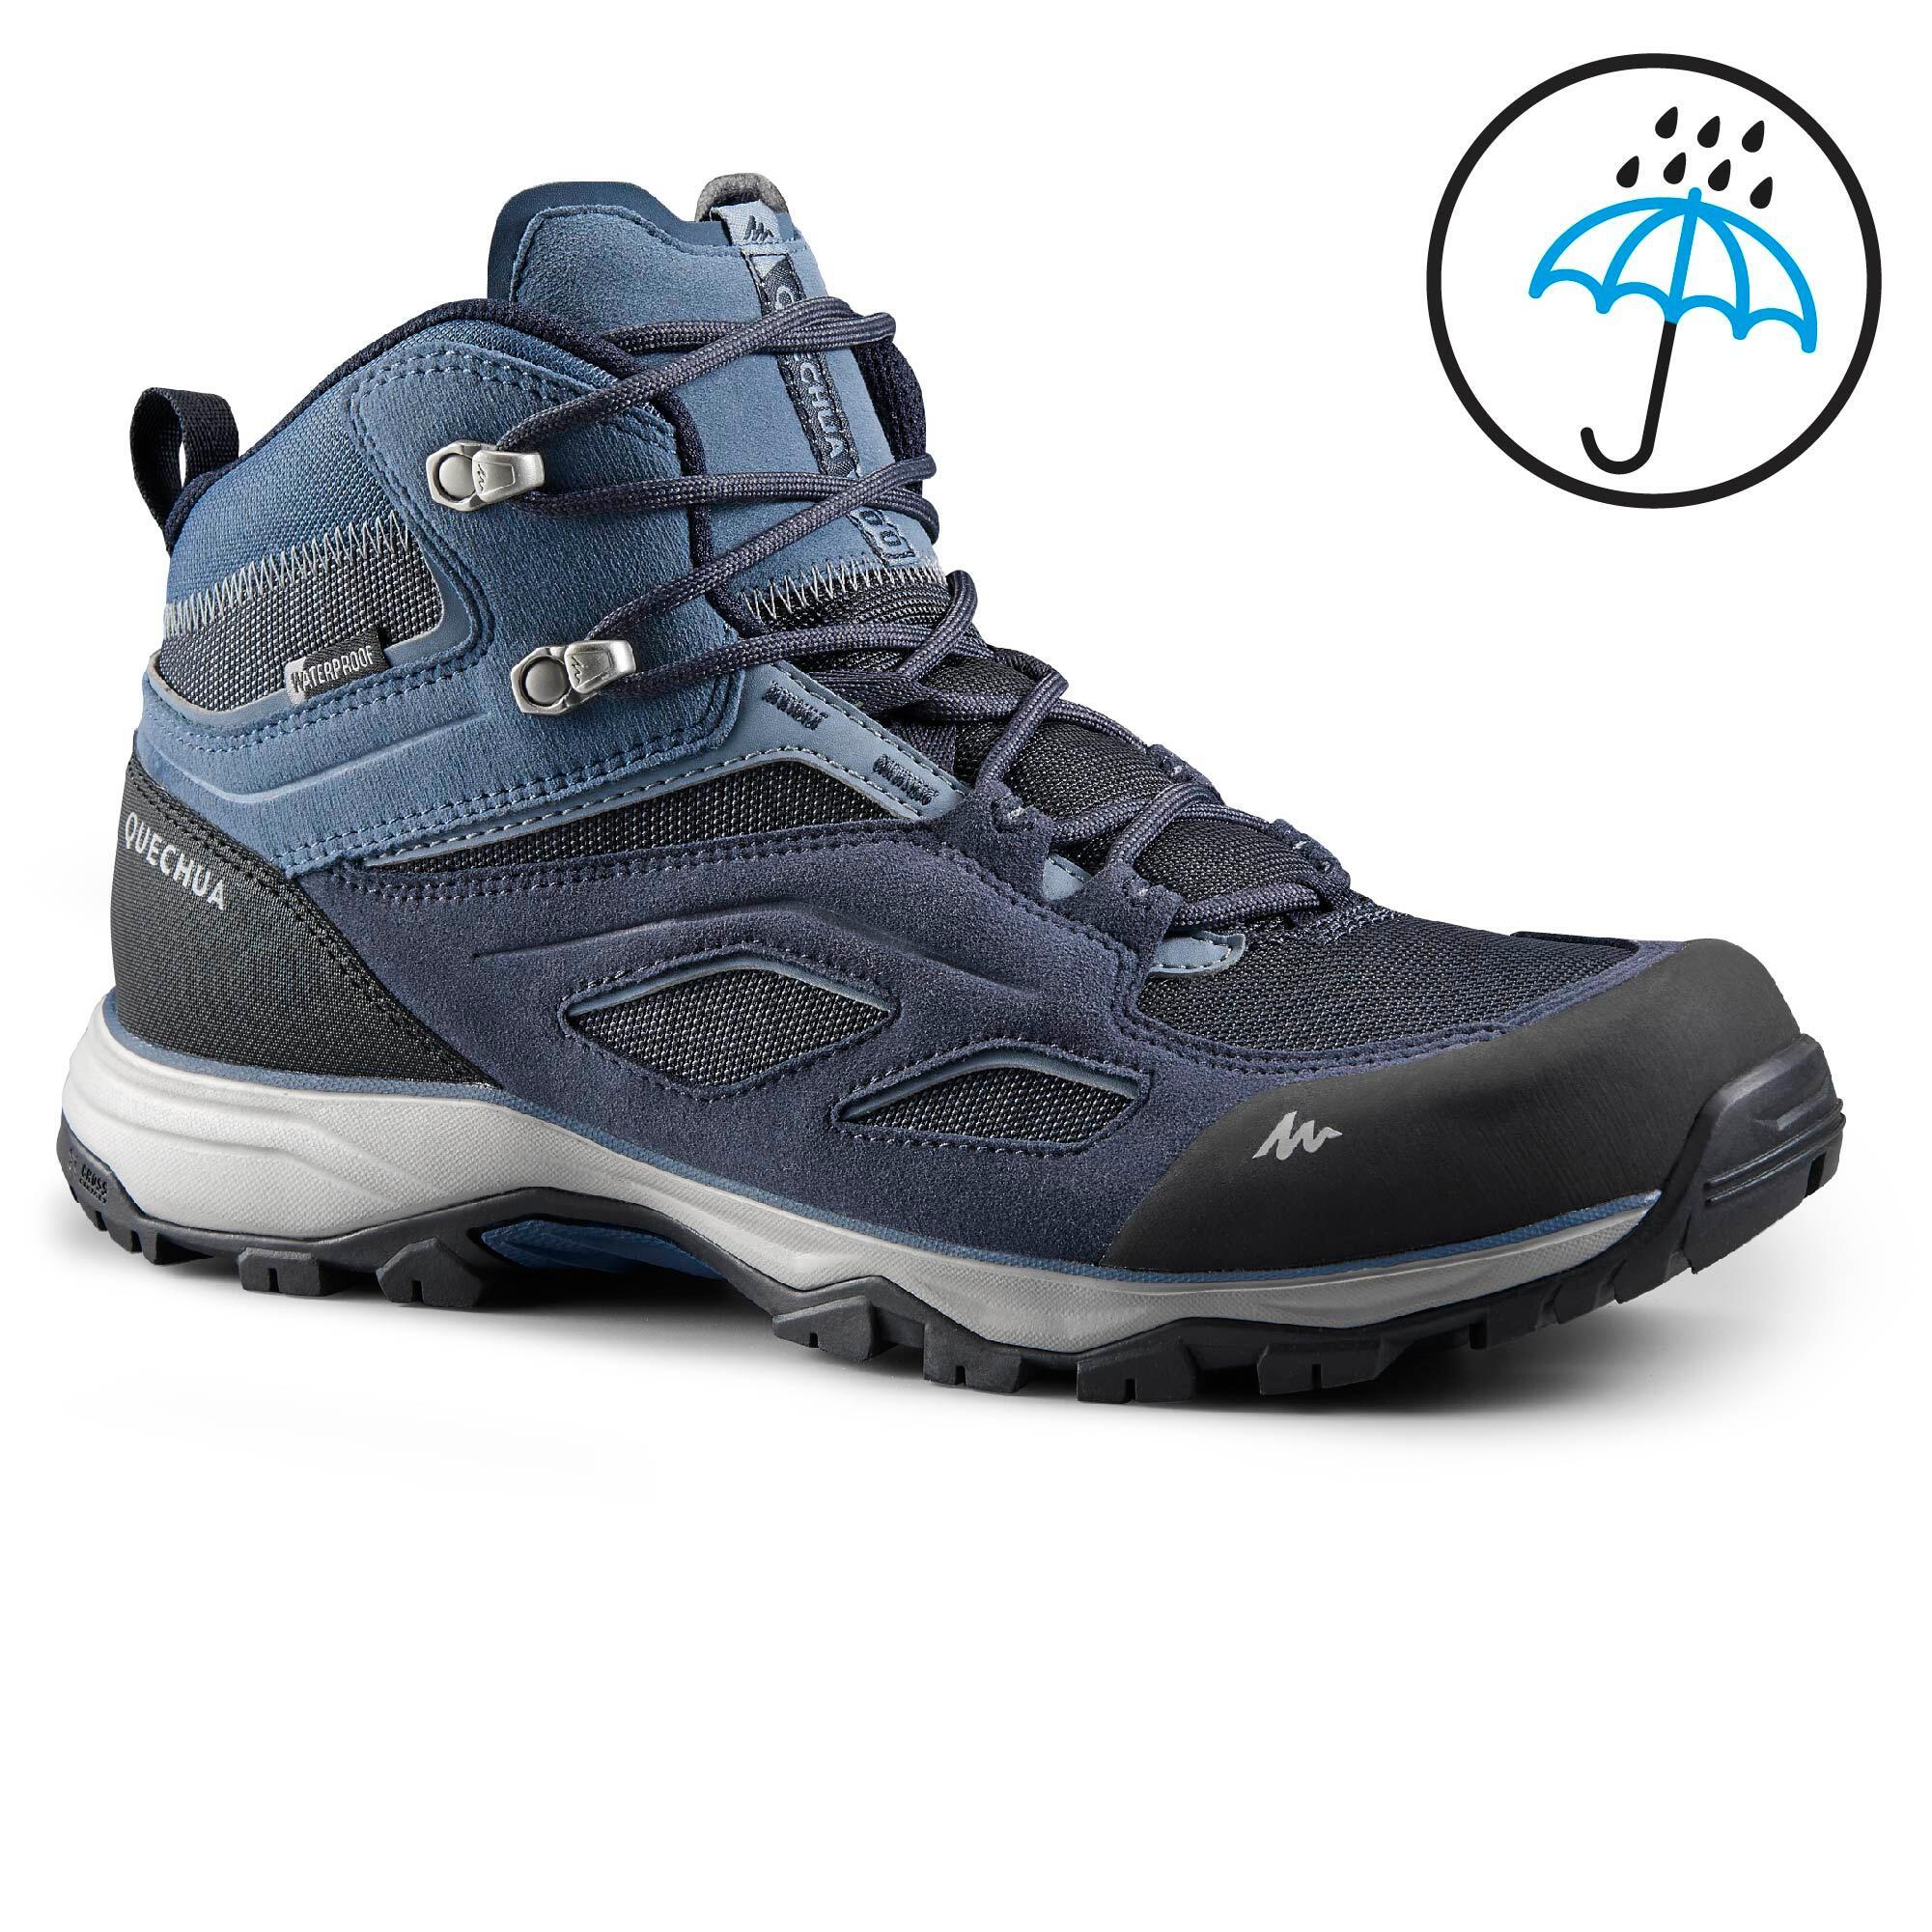 Hiking \u0026 Trekking Shoes |Buy Best Men